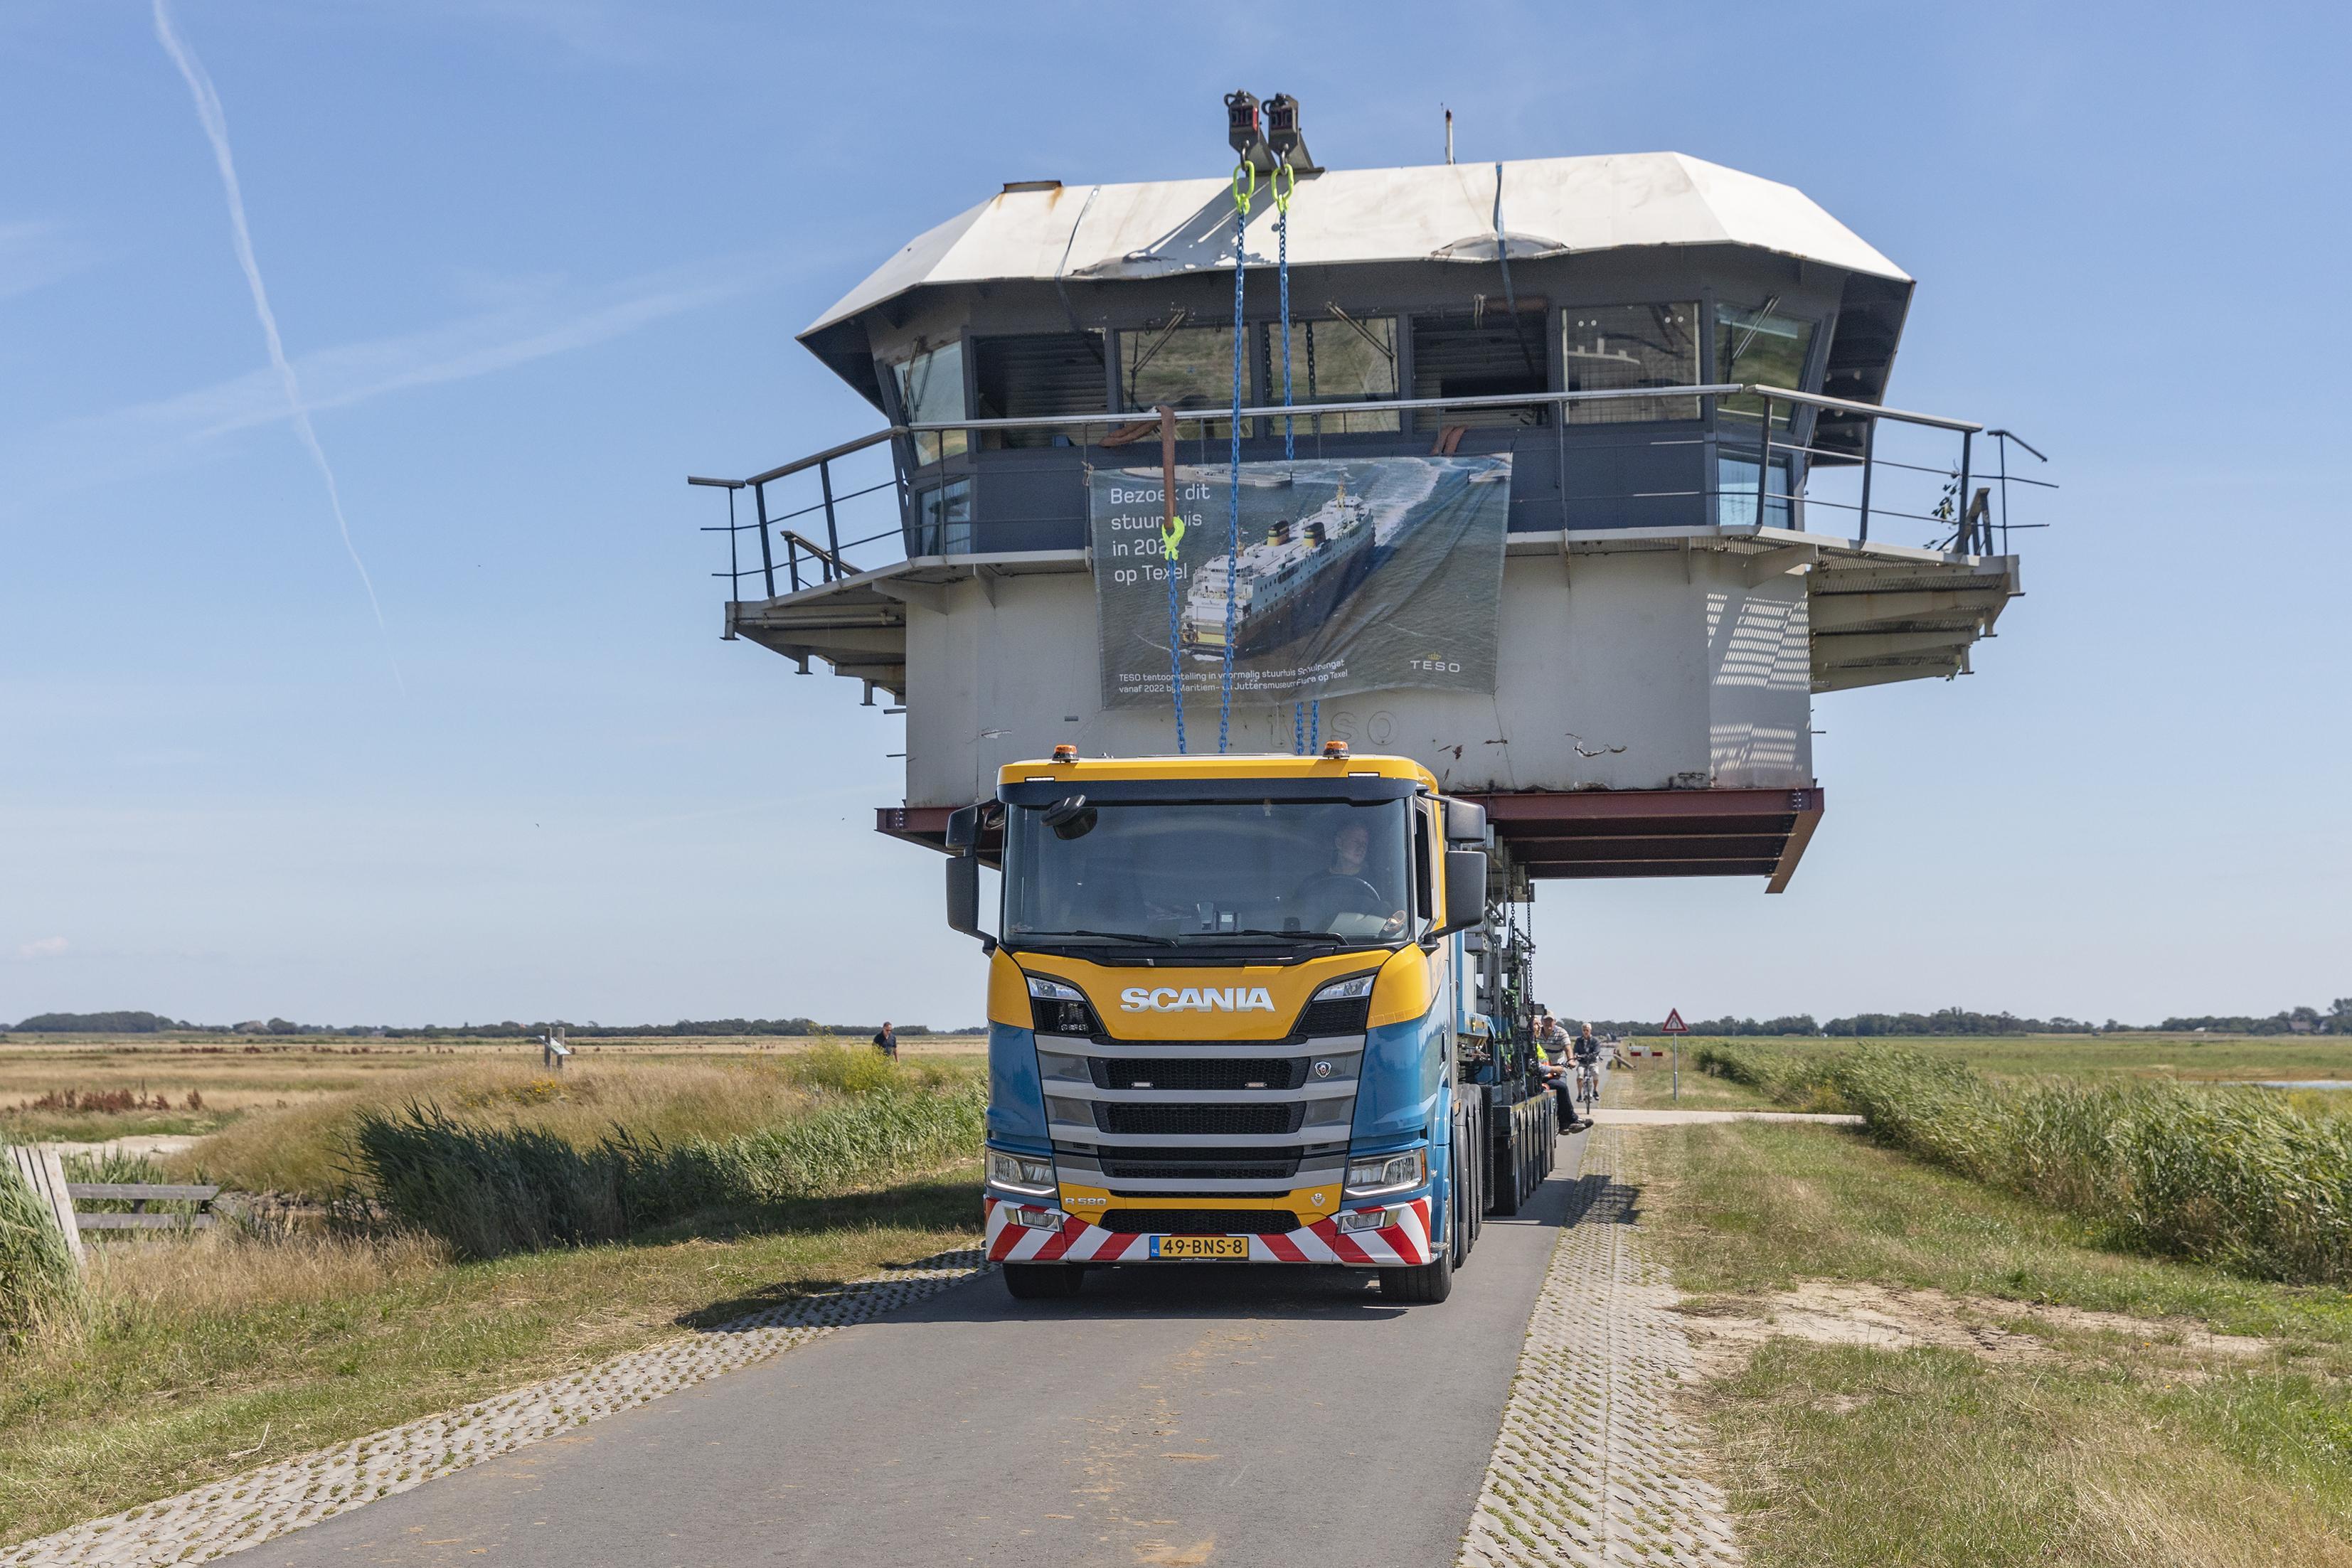 Als een rijdend flatgebouw schrijdt het enorme stuurhuis van veerboot Schulpengat over Texel. 'Een spannende klus', die veel bekijks trekt